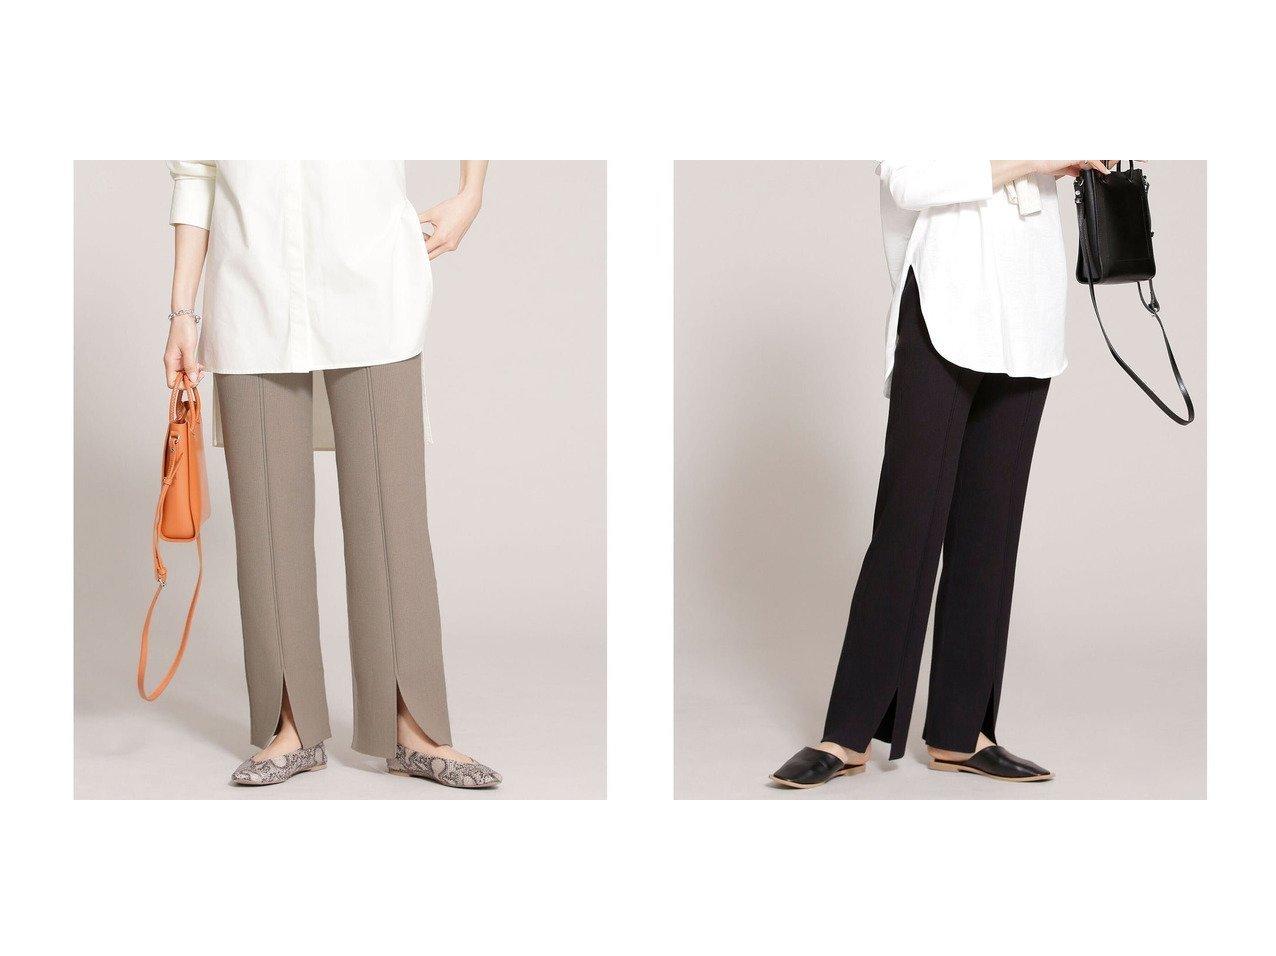 【nano universe/ナノ ユニバース】のオーガニックコットン リブニットパンツ nano universeのおすすめ!人気、トレンド・レディースファッションの通販 おすすめで人気の流行・トレンド、ファッションの通販商品 メンズファッション・キッズファッション・インテリア・家具・レディースファッション・服の通販 founy(ファニー) https://founy.com/ ファッション Fashion レディースファッション WOMEN パンツ Pants 春 Spring スリット ダメージ 長袖 フレア フロント リラックス ワイドリブ 2021年 2021 S/S 春夏 SS Spring/Summer 2021 春夏 S/S SS Spring/Summer 2021 |ID:crp329100000019132